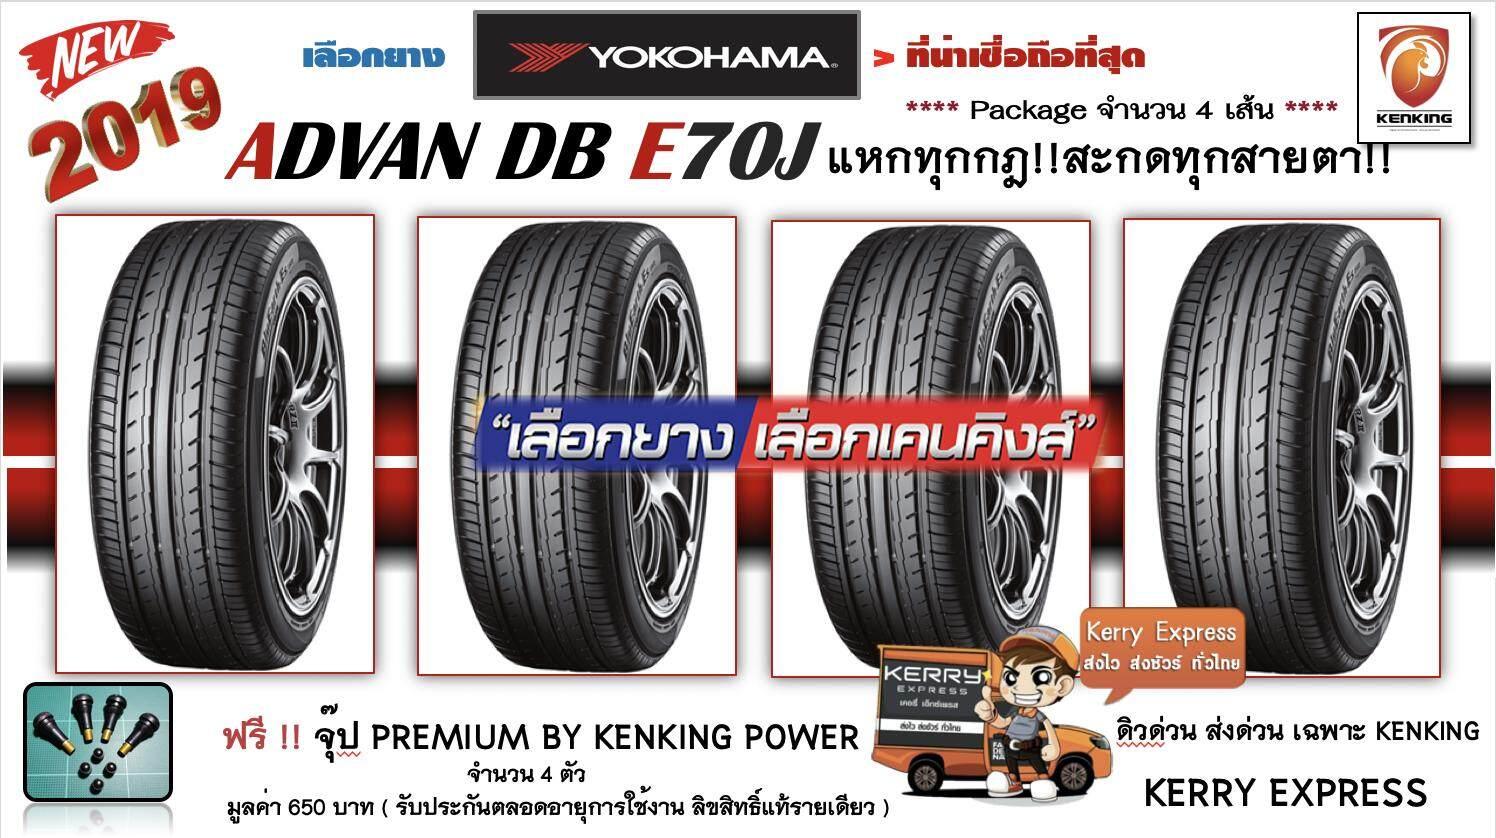 ยโสธร ยางรถยนต์ขอบ17 YOKOHAMA 215/55 R17 ADVAN DB E70BZ NEW!! 2019 ( 4 เส้น )  FREE !! จุ๊ป PREMIUM BY KENKING POWER 650 บาท MADE IN JAPAN แท้ (ลิขสิทธิืแท้รายเดียว)